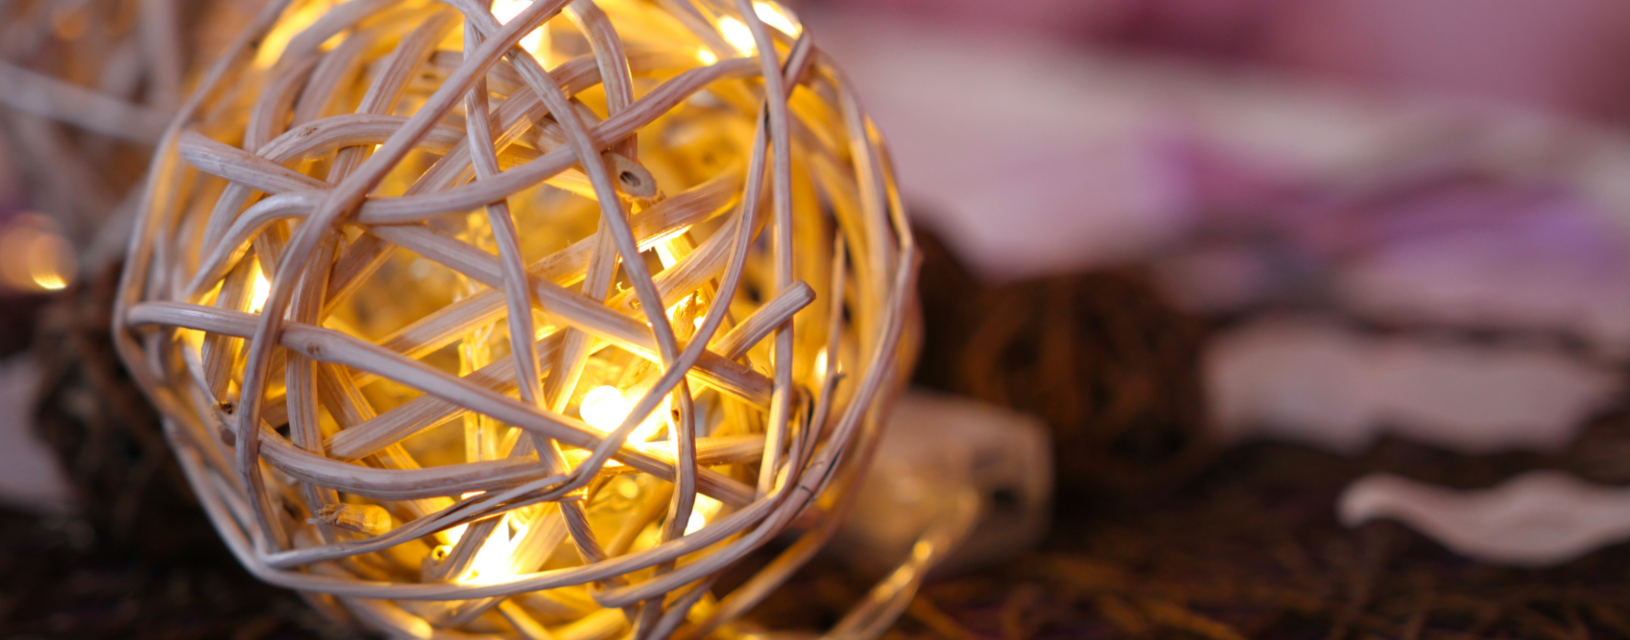 Sinnlichkeit und Gemütlichkeit in der Adventszeit